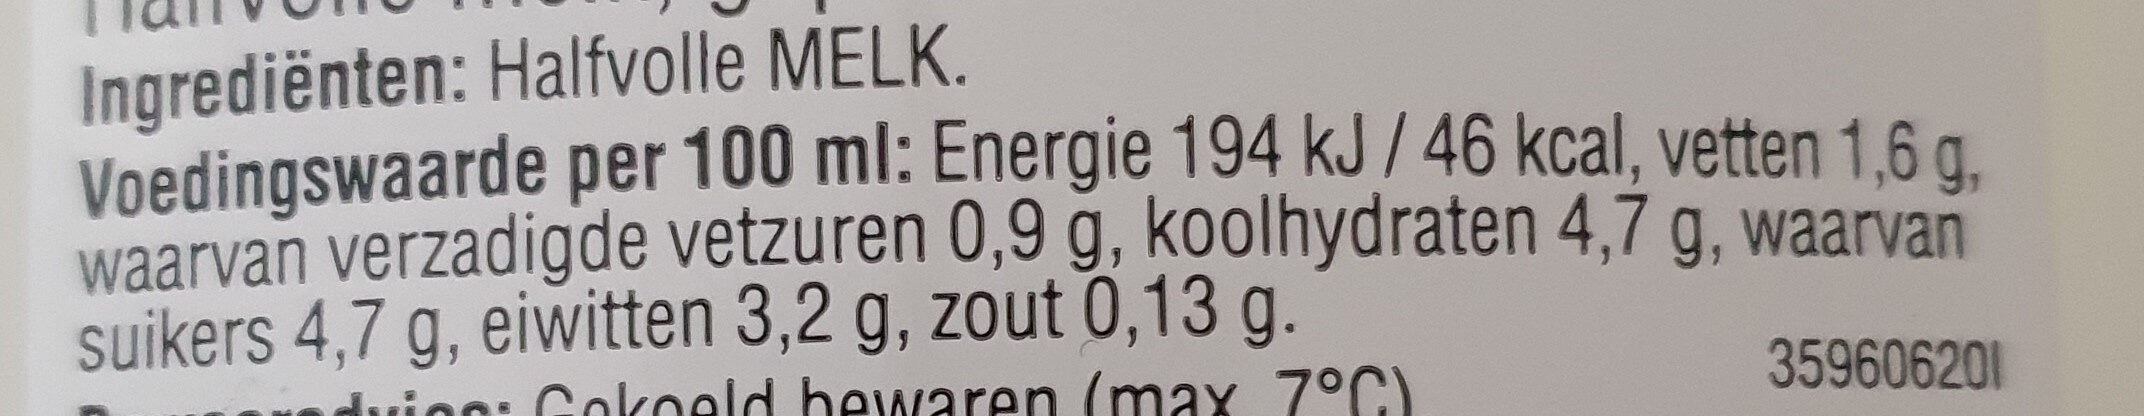 Halfvolle Melk - Ingredients - nl